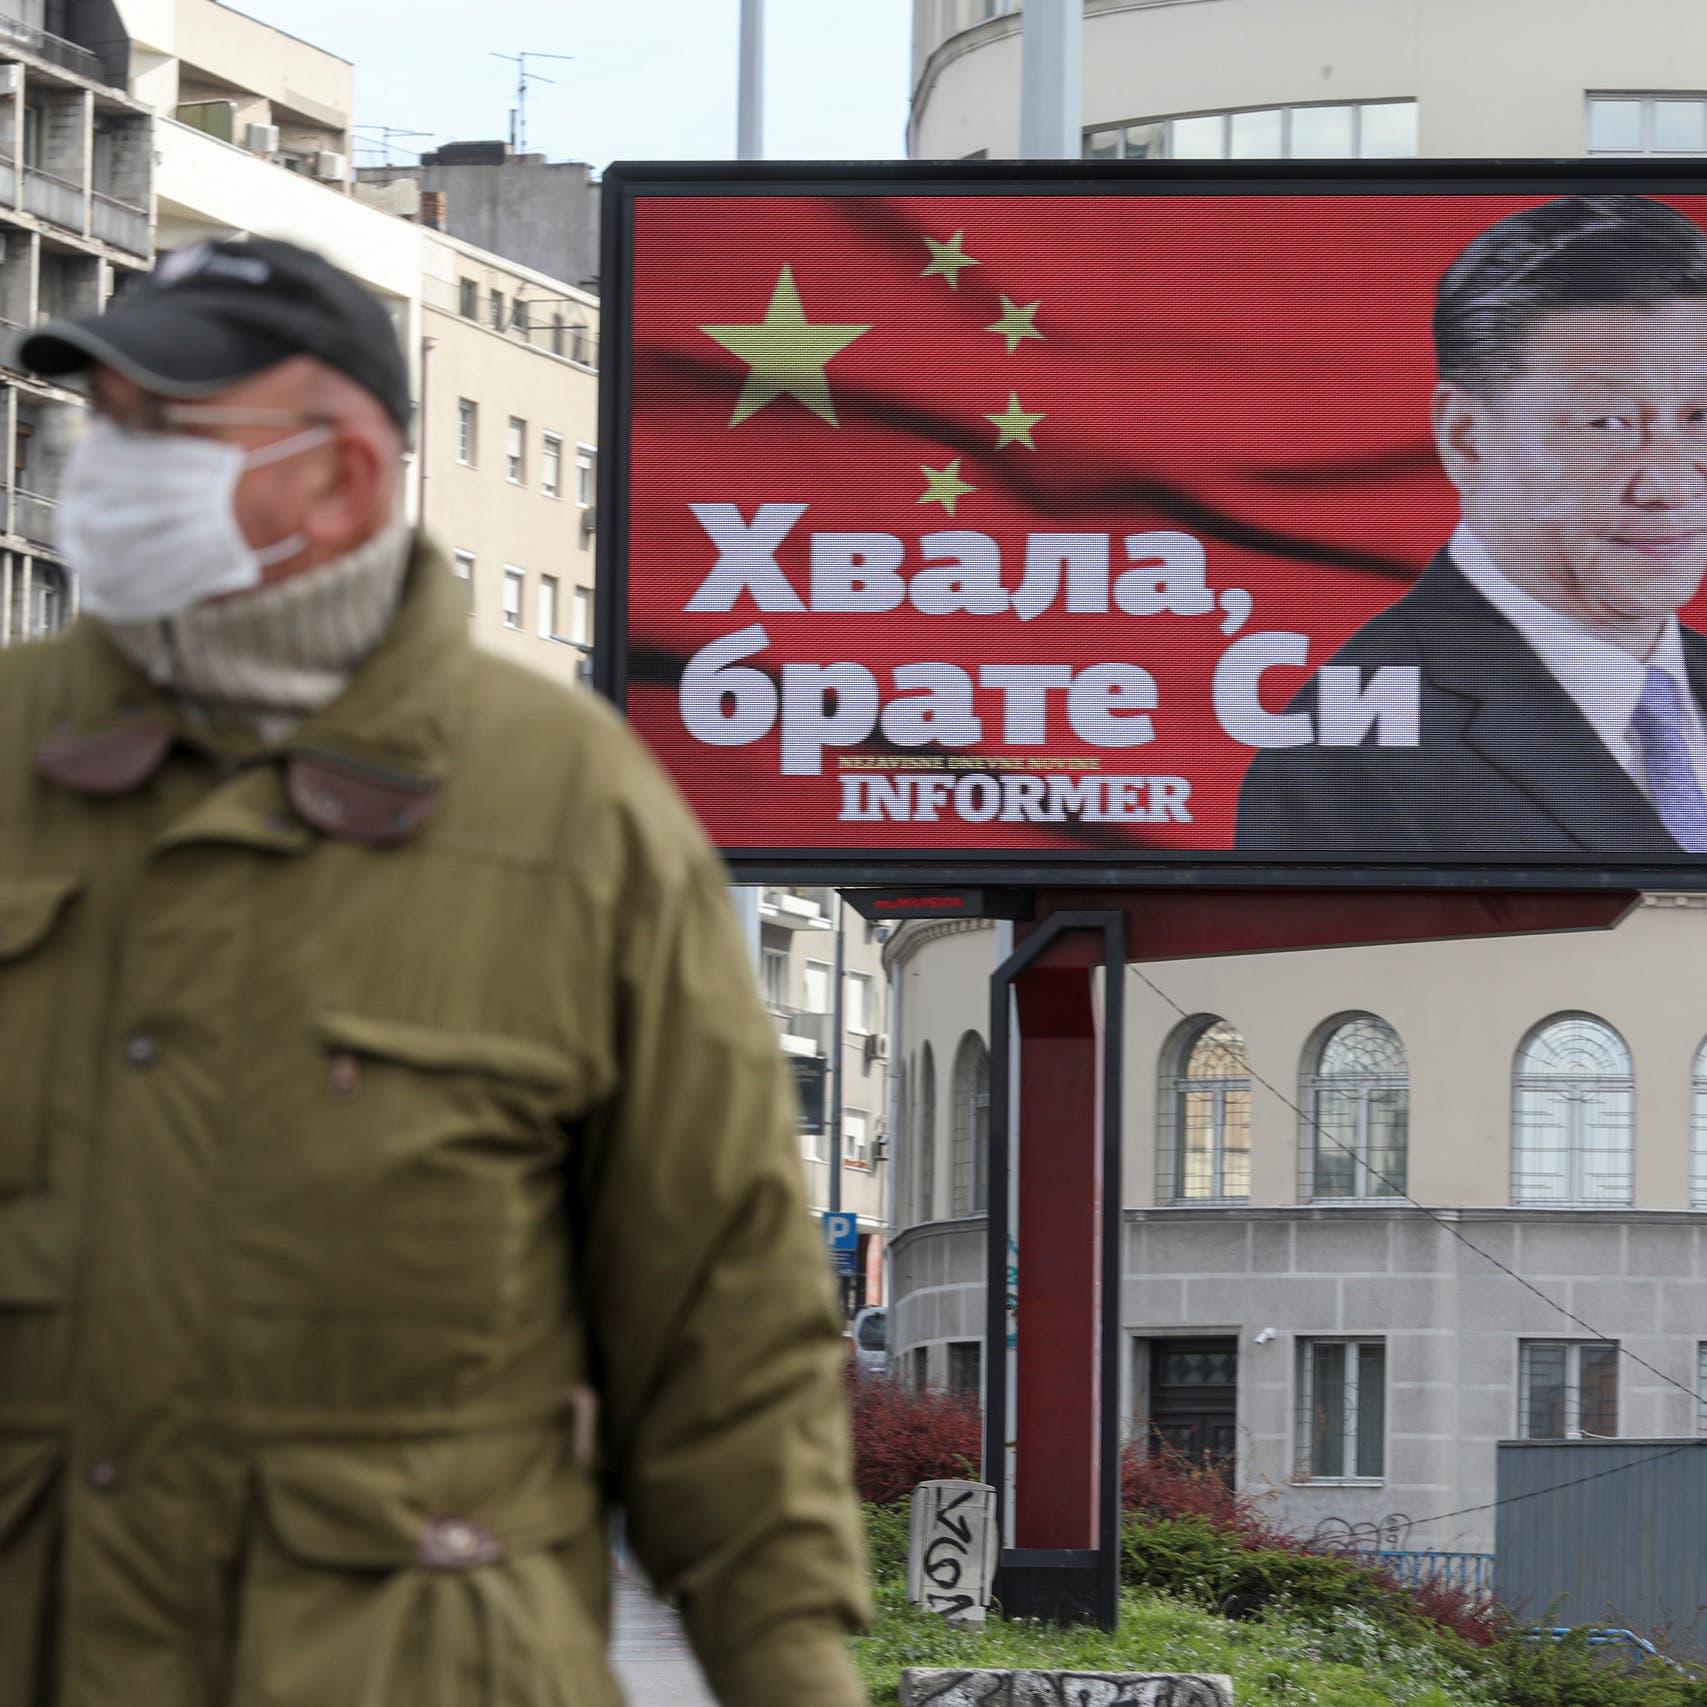 أخيراً.. بعثة أممية إلى الصين للتحقيق في أصل الفيروس